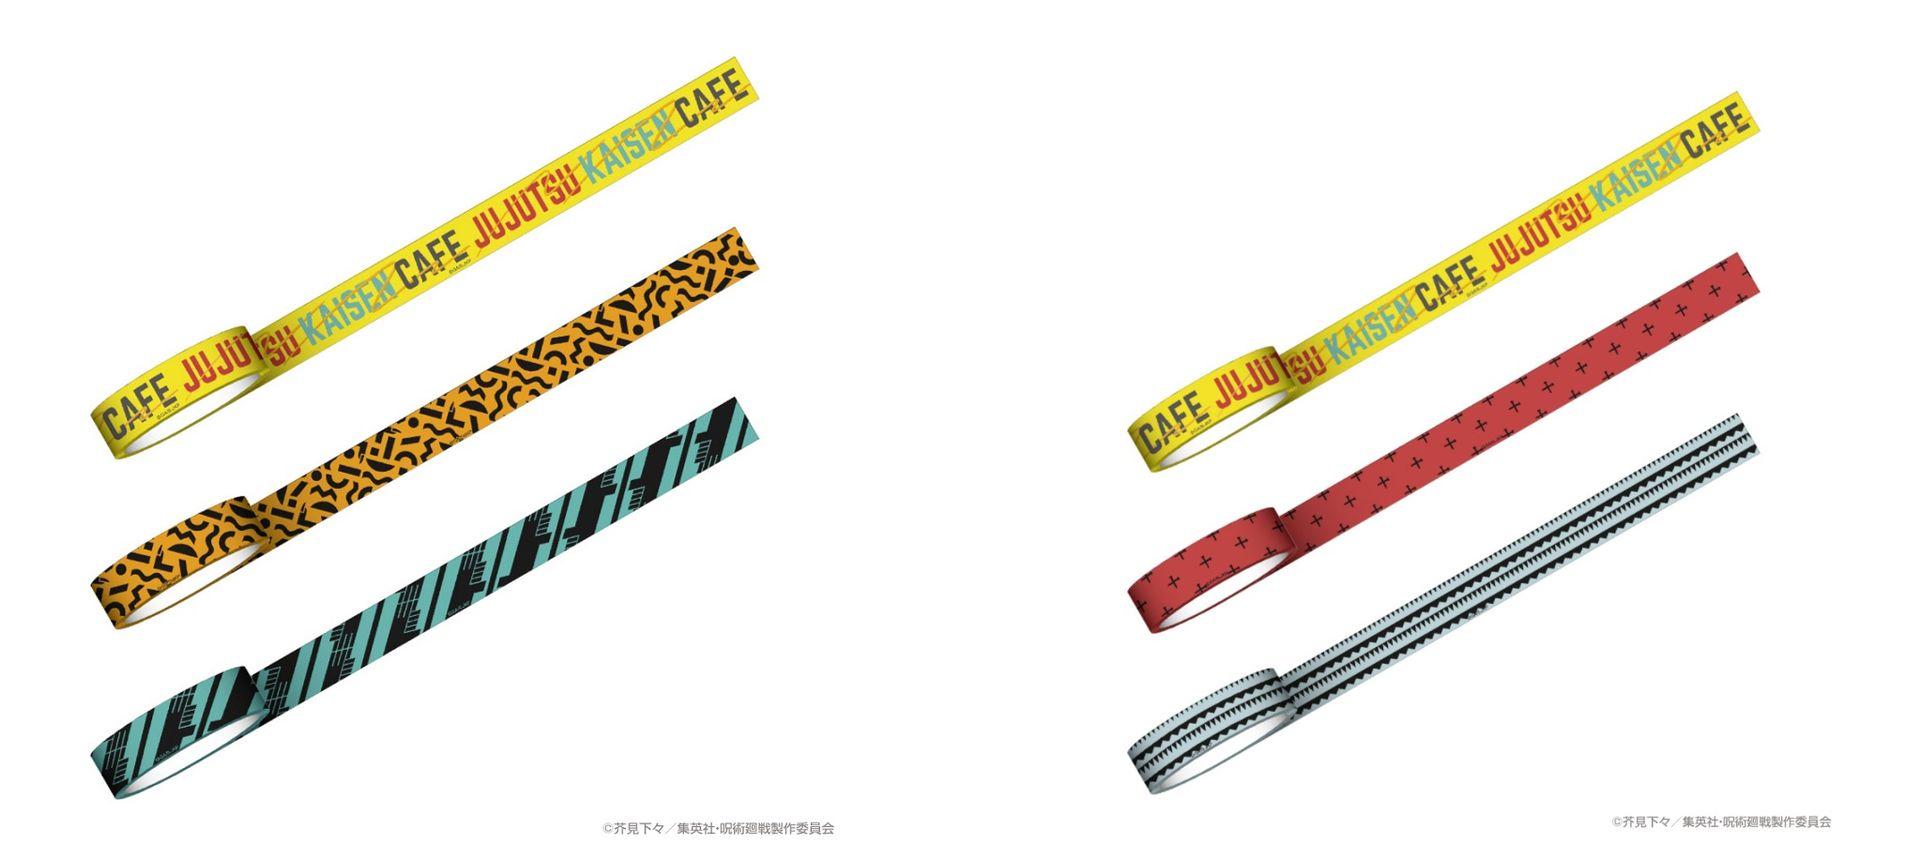 マスキングテープ(虎杖悠仁・伏黒恵)、マスキングテープ(釘崎野薔薇・五条悟)